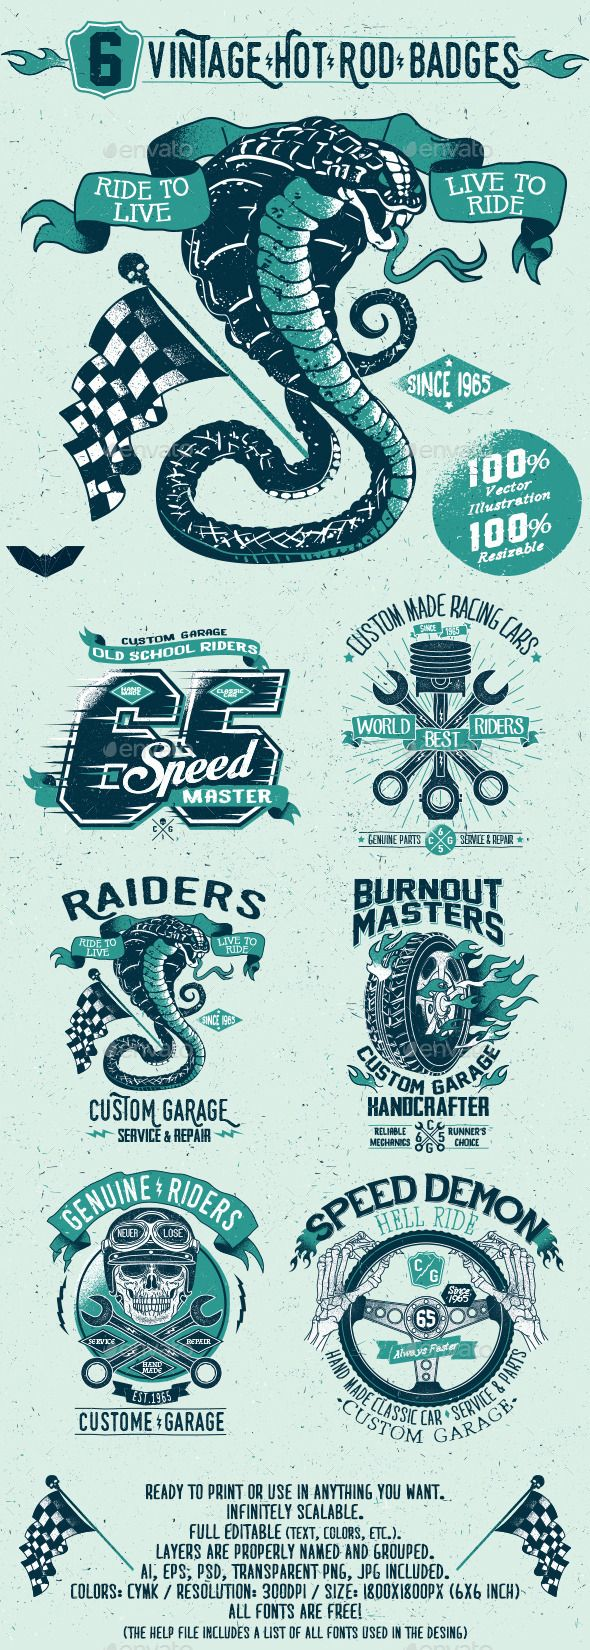 Car sticker design psd - 6 Vintage Hot Rod Badges Design Badges Download Http Graphicriver